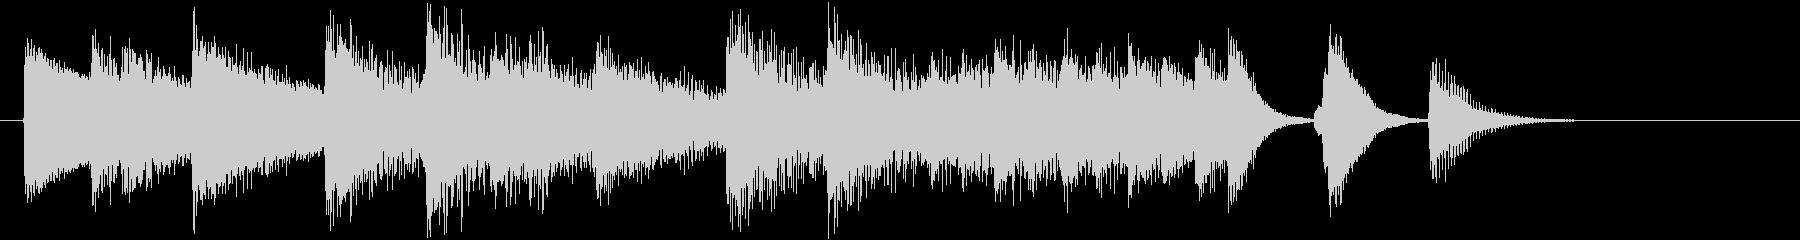 オシャレなジャズの春らしいピアノジングルの未再生の波形